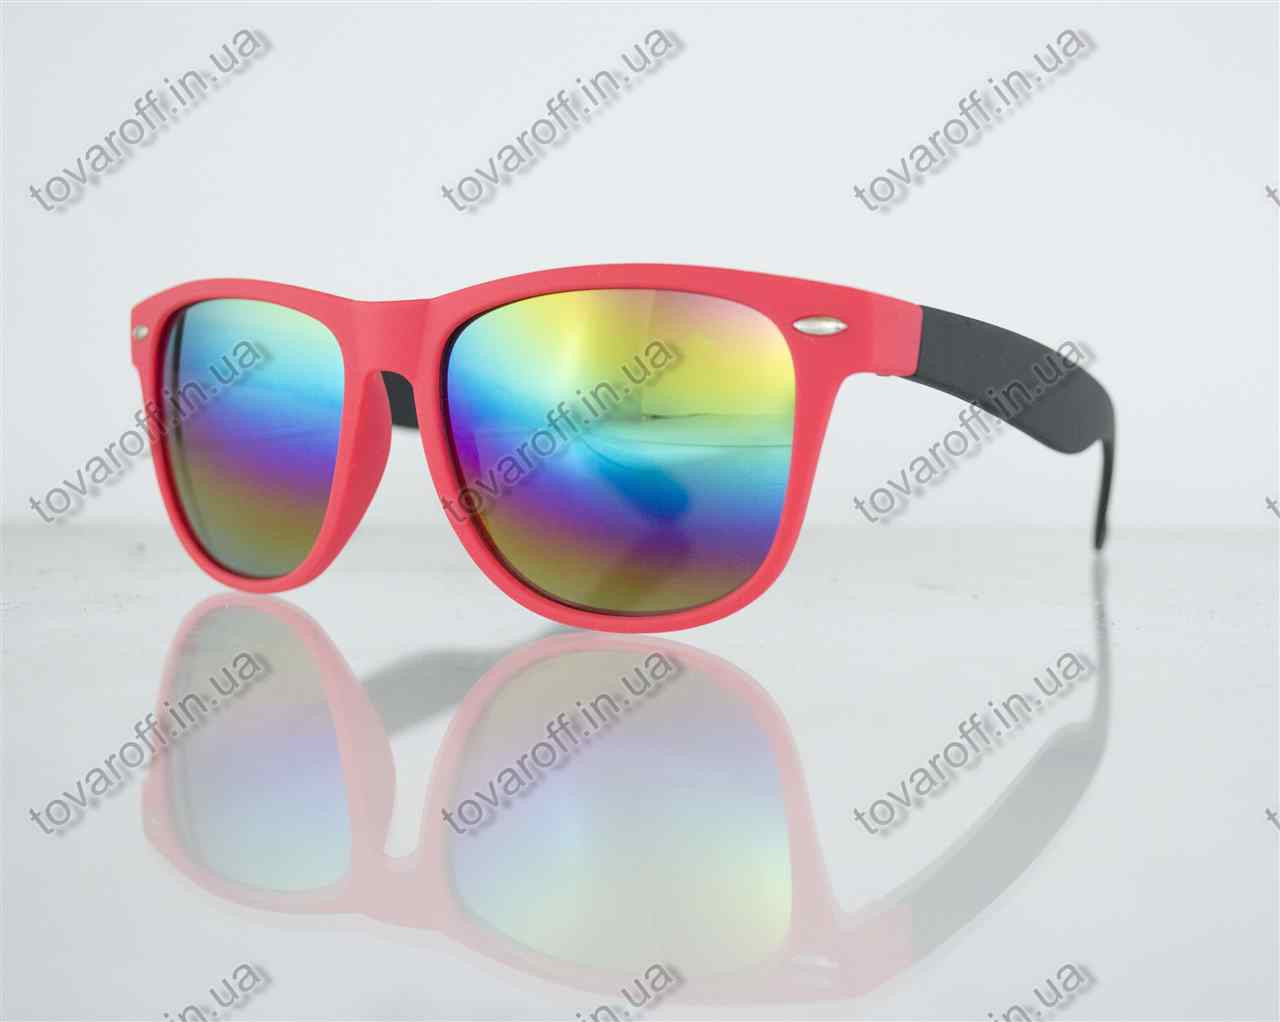 Очки унисекс солнцезащитные Вайфарер (Wayfarer) с зеркальными линзами - Теракотово-черные - 2623